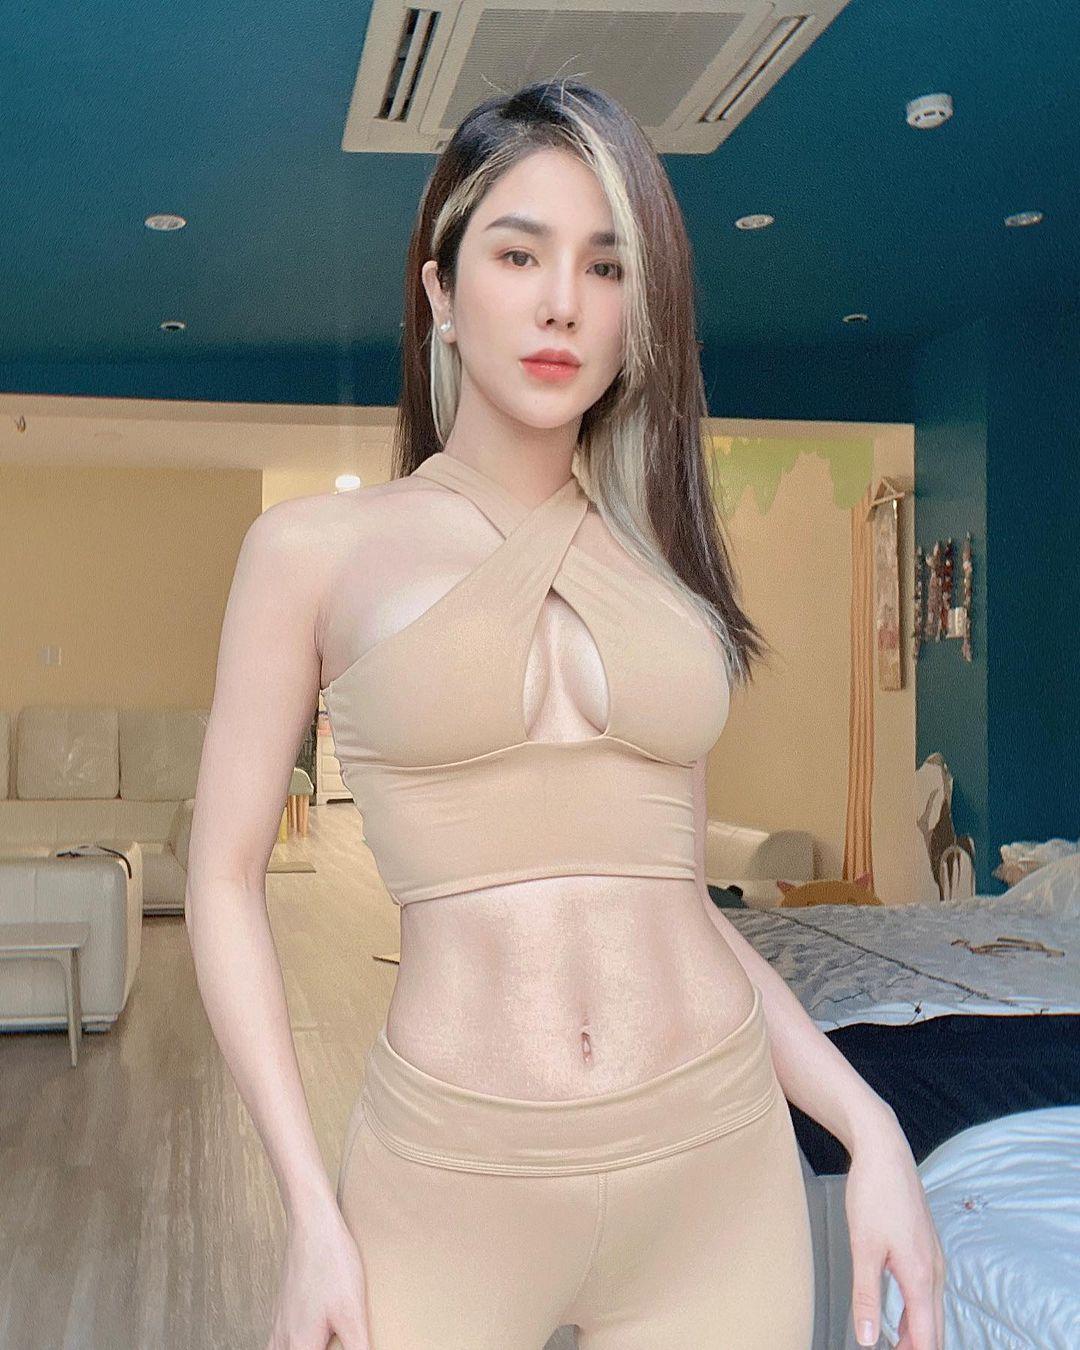 Người đẹp Việt ham diện quần tập có thiết kế lạ đến nhạy cảm, dễ gây hiểu nhầm